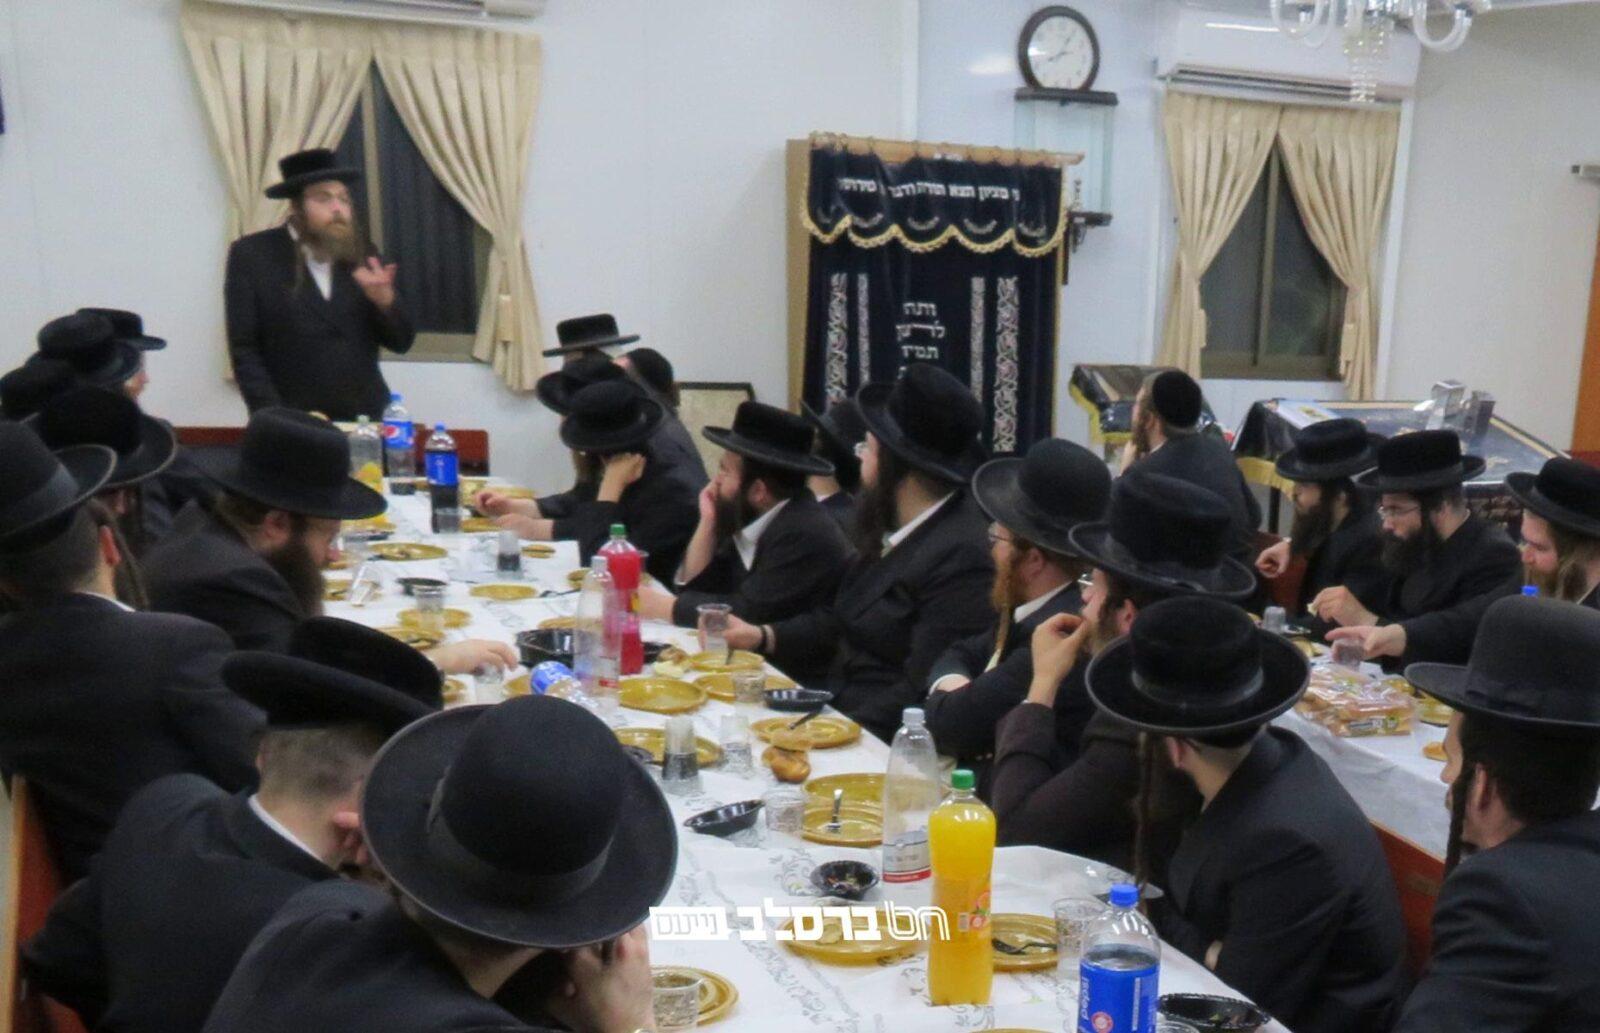 דף היומי • מעמד סיום מסכת עירובין והתחלת מסכת פסחים בבית הכנסת ברסלב שכונת קנה בושם